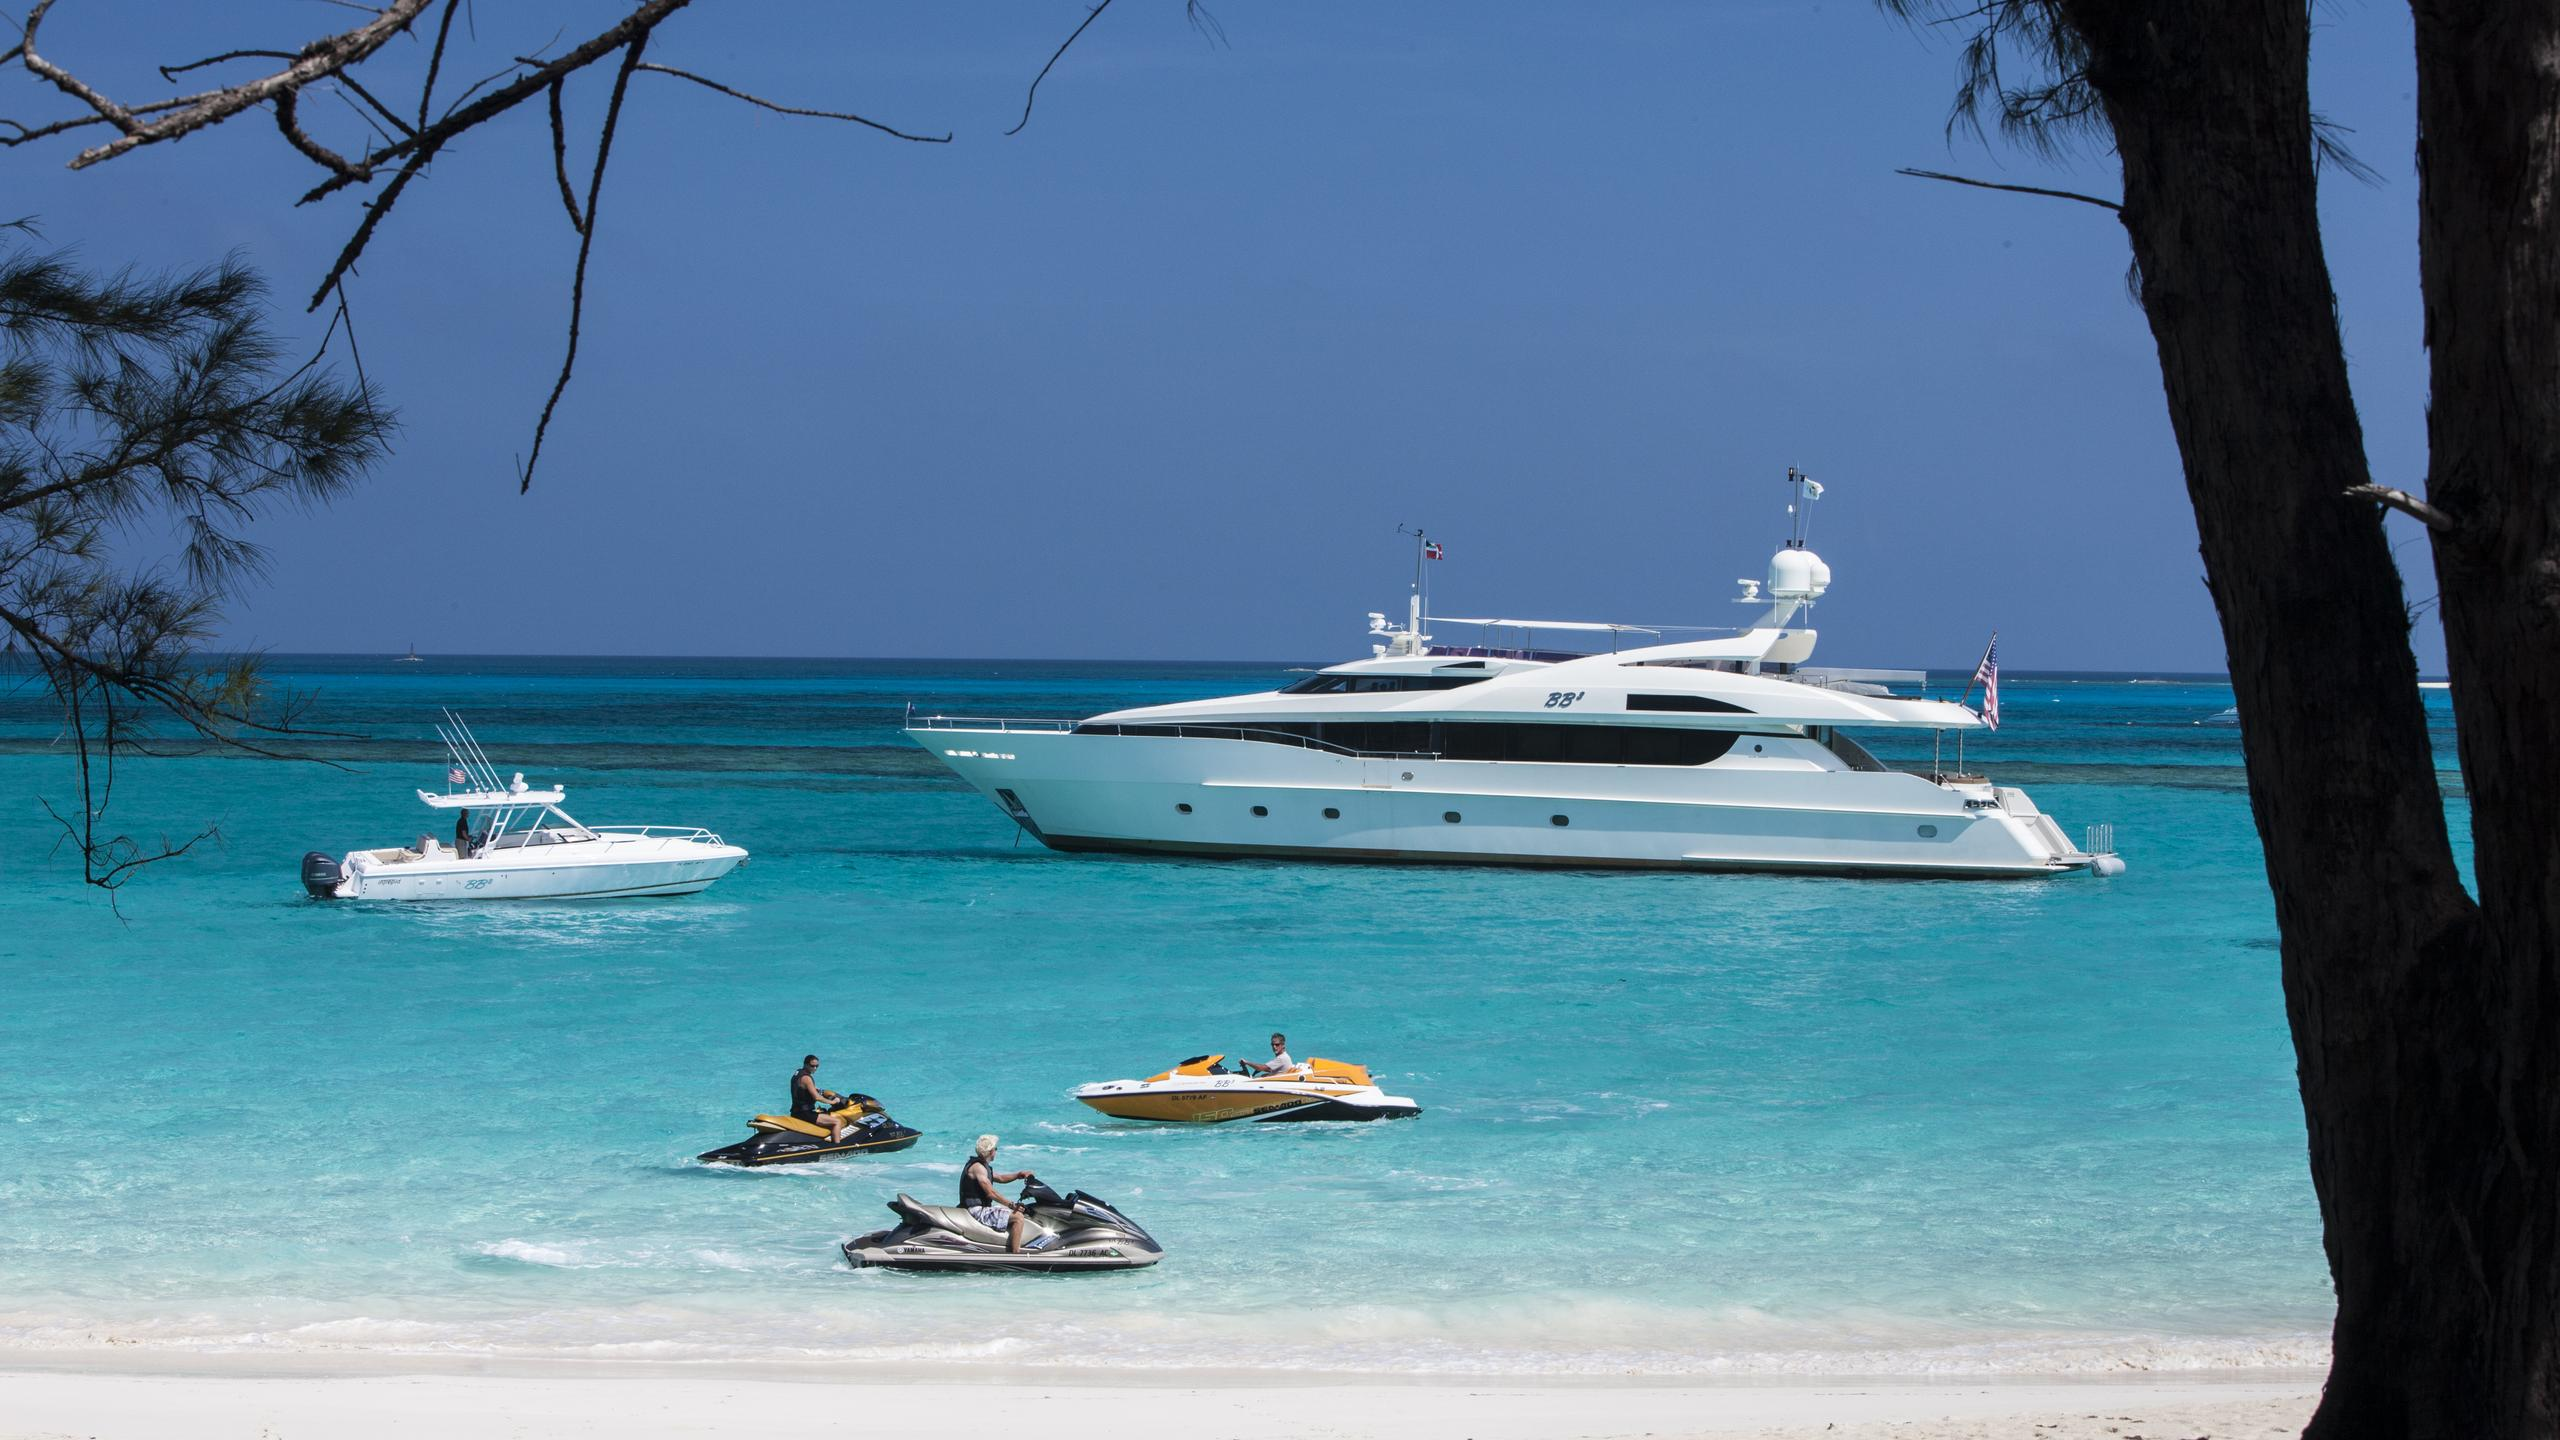 bb3-yacht-at-anchor